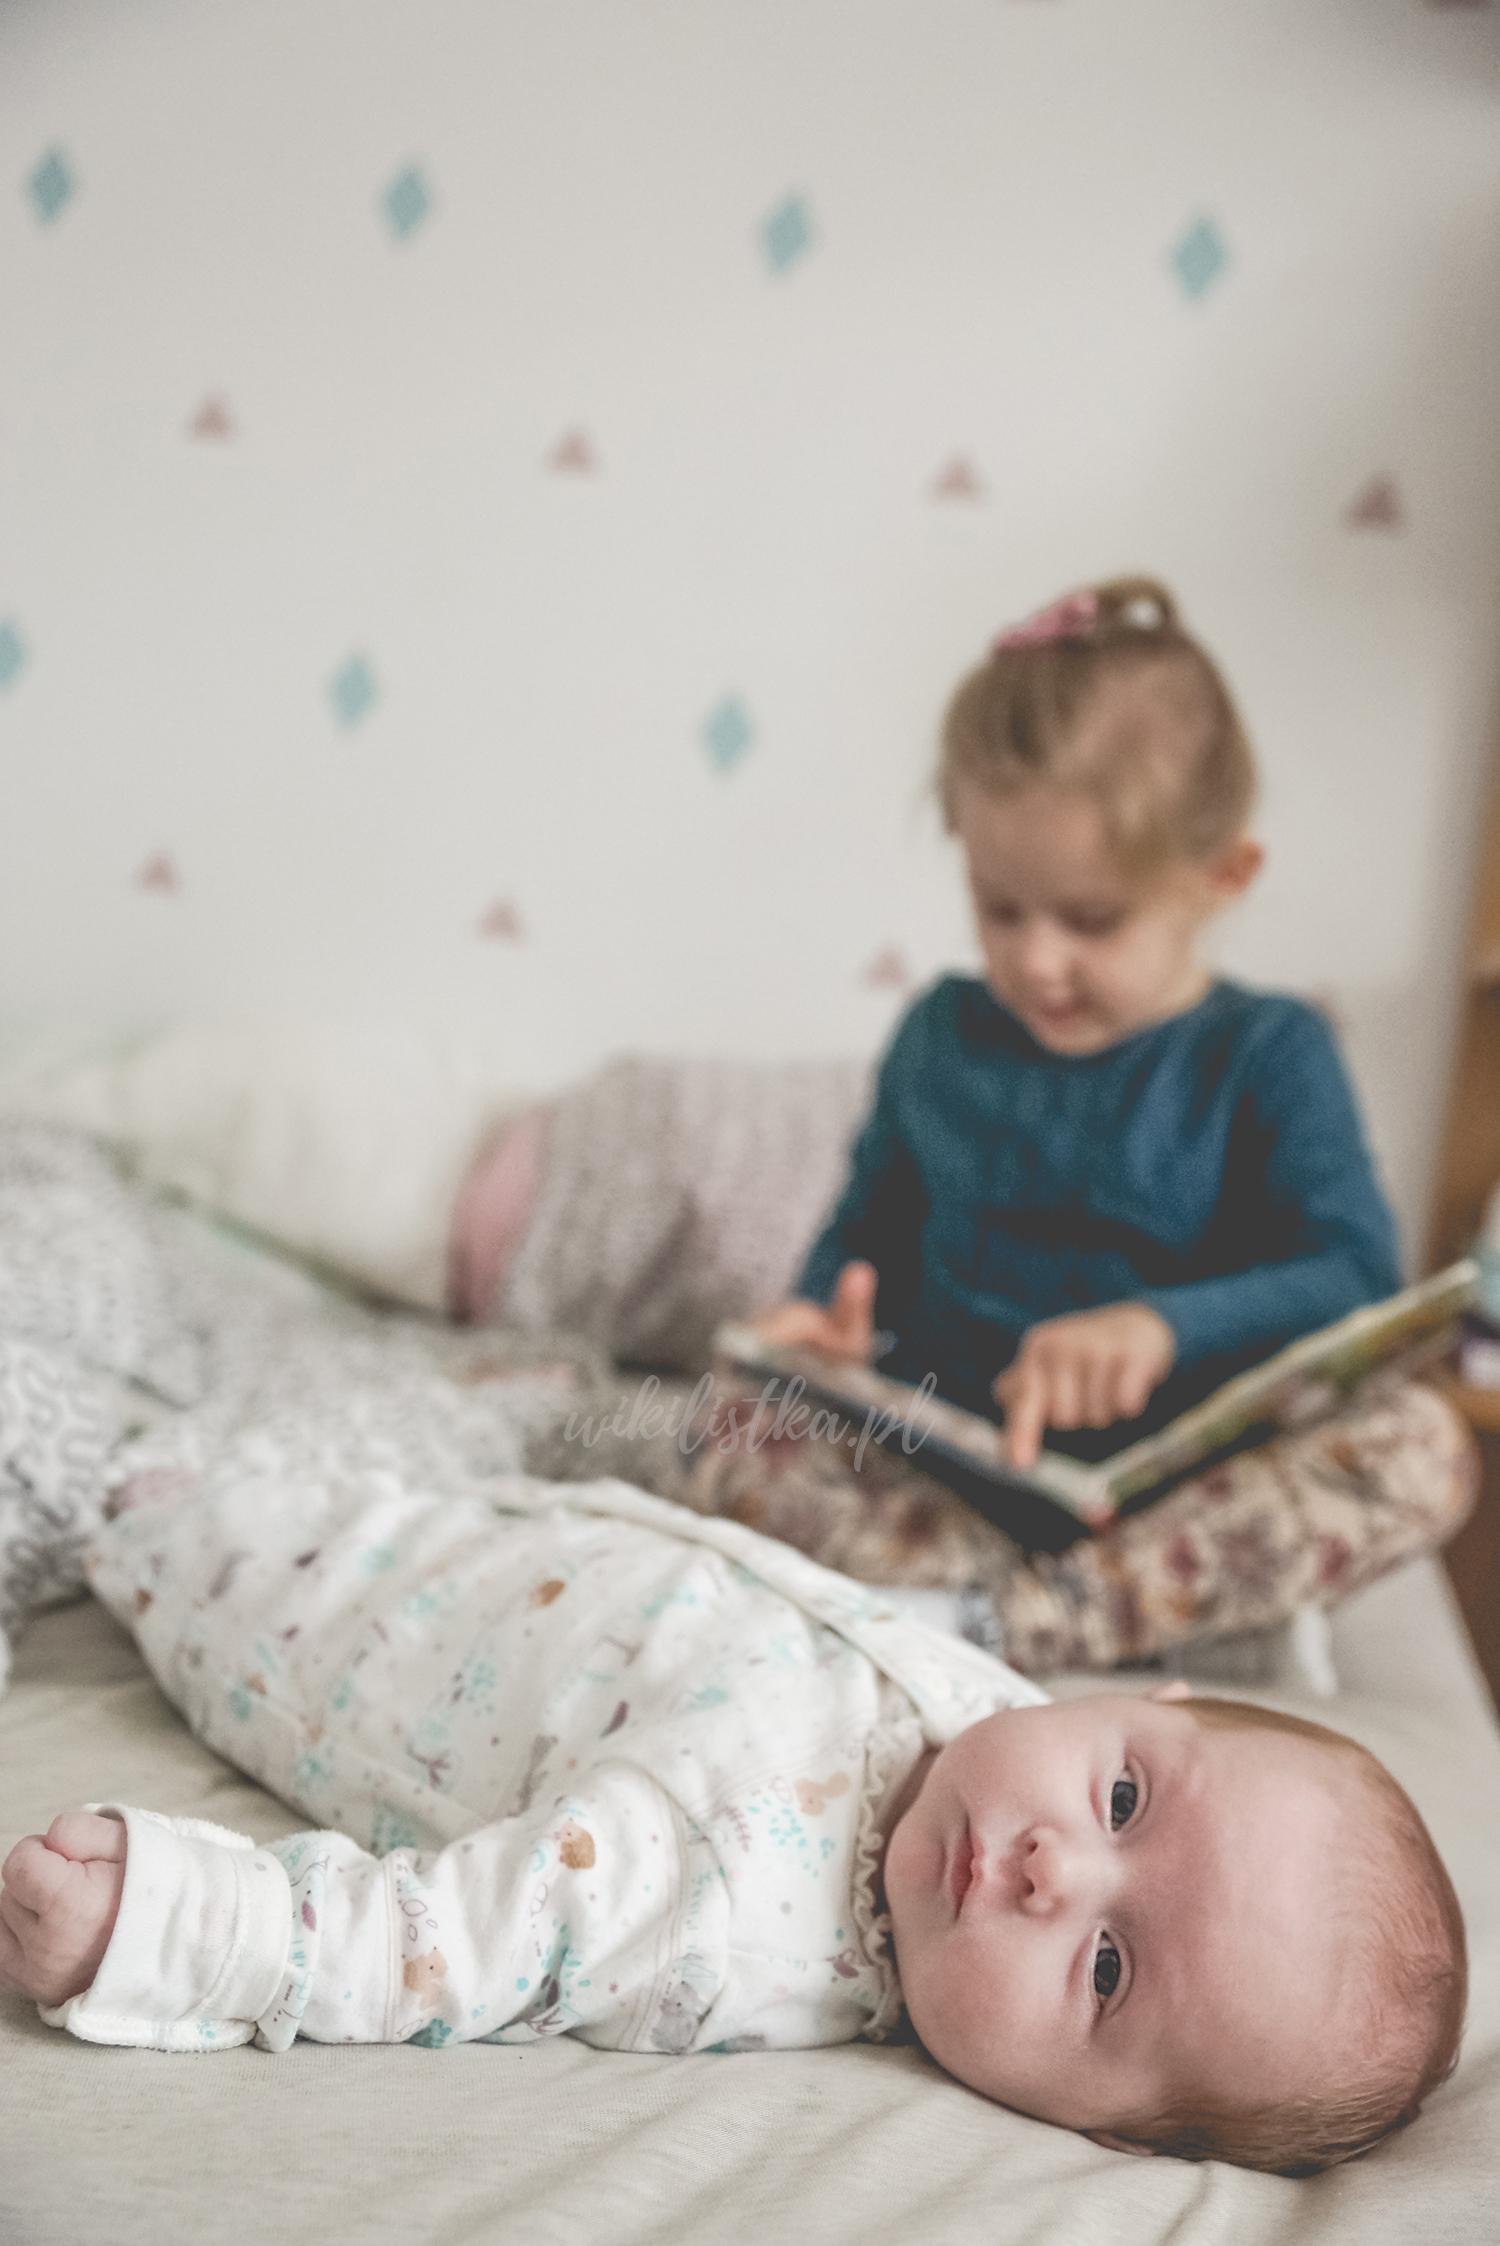 Dziecko, małe dziecko, czytanie książki, Projekt 365